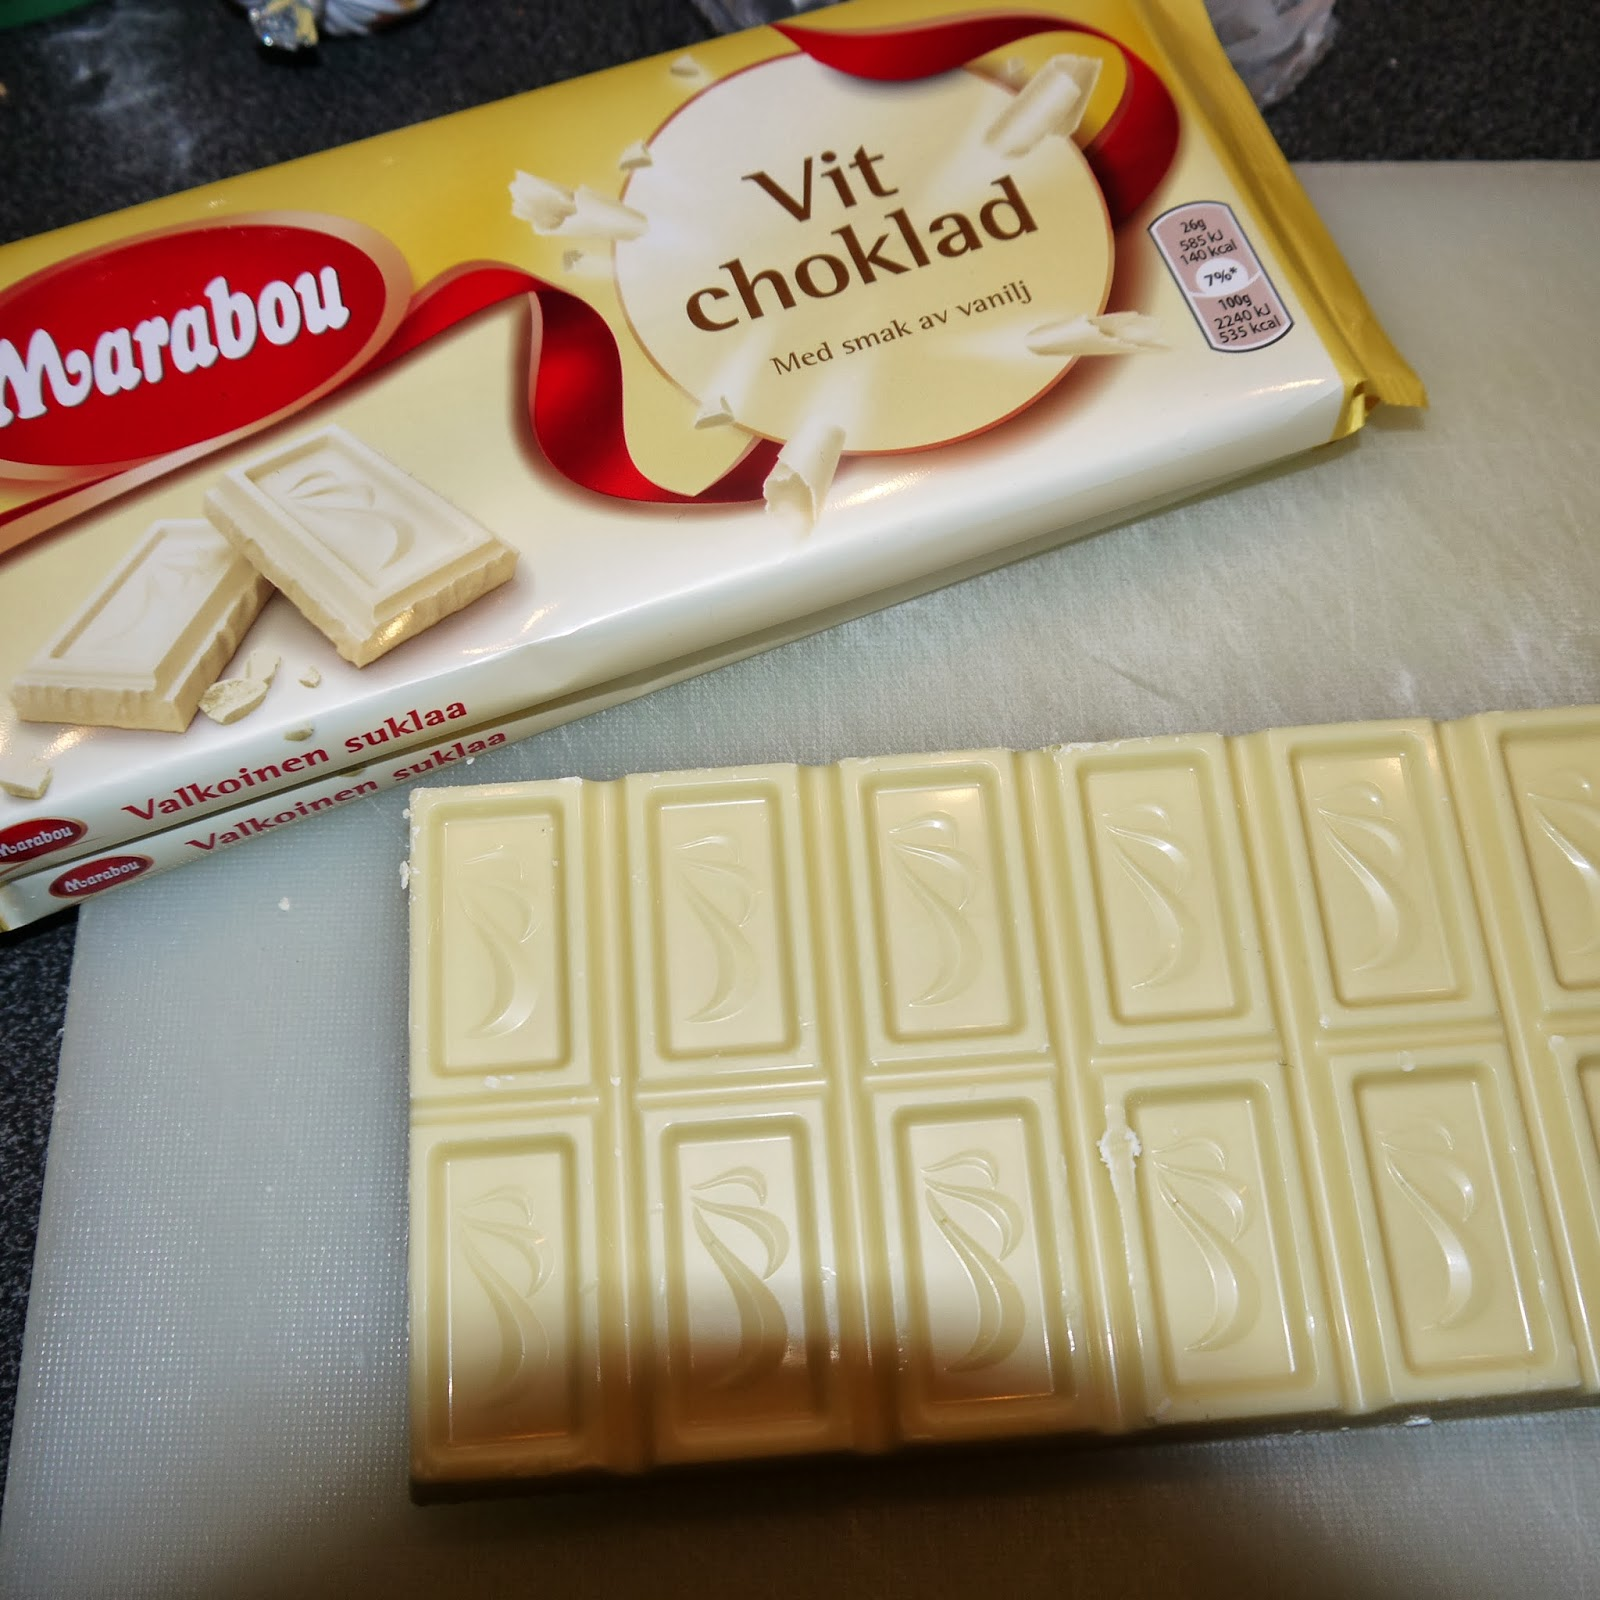 vit choklad fyllning